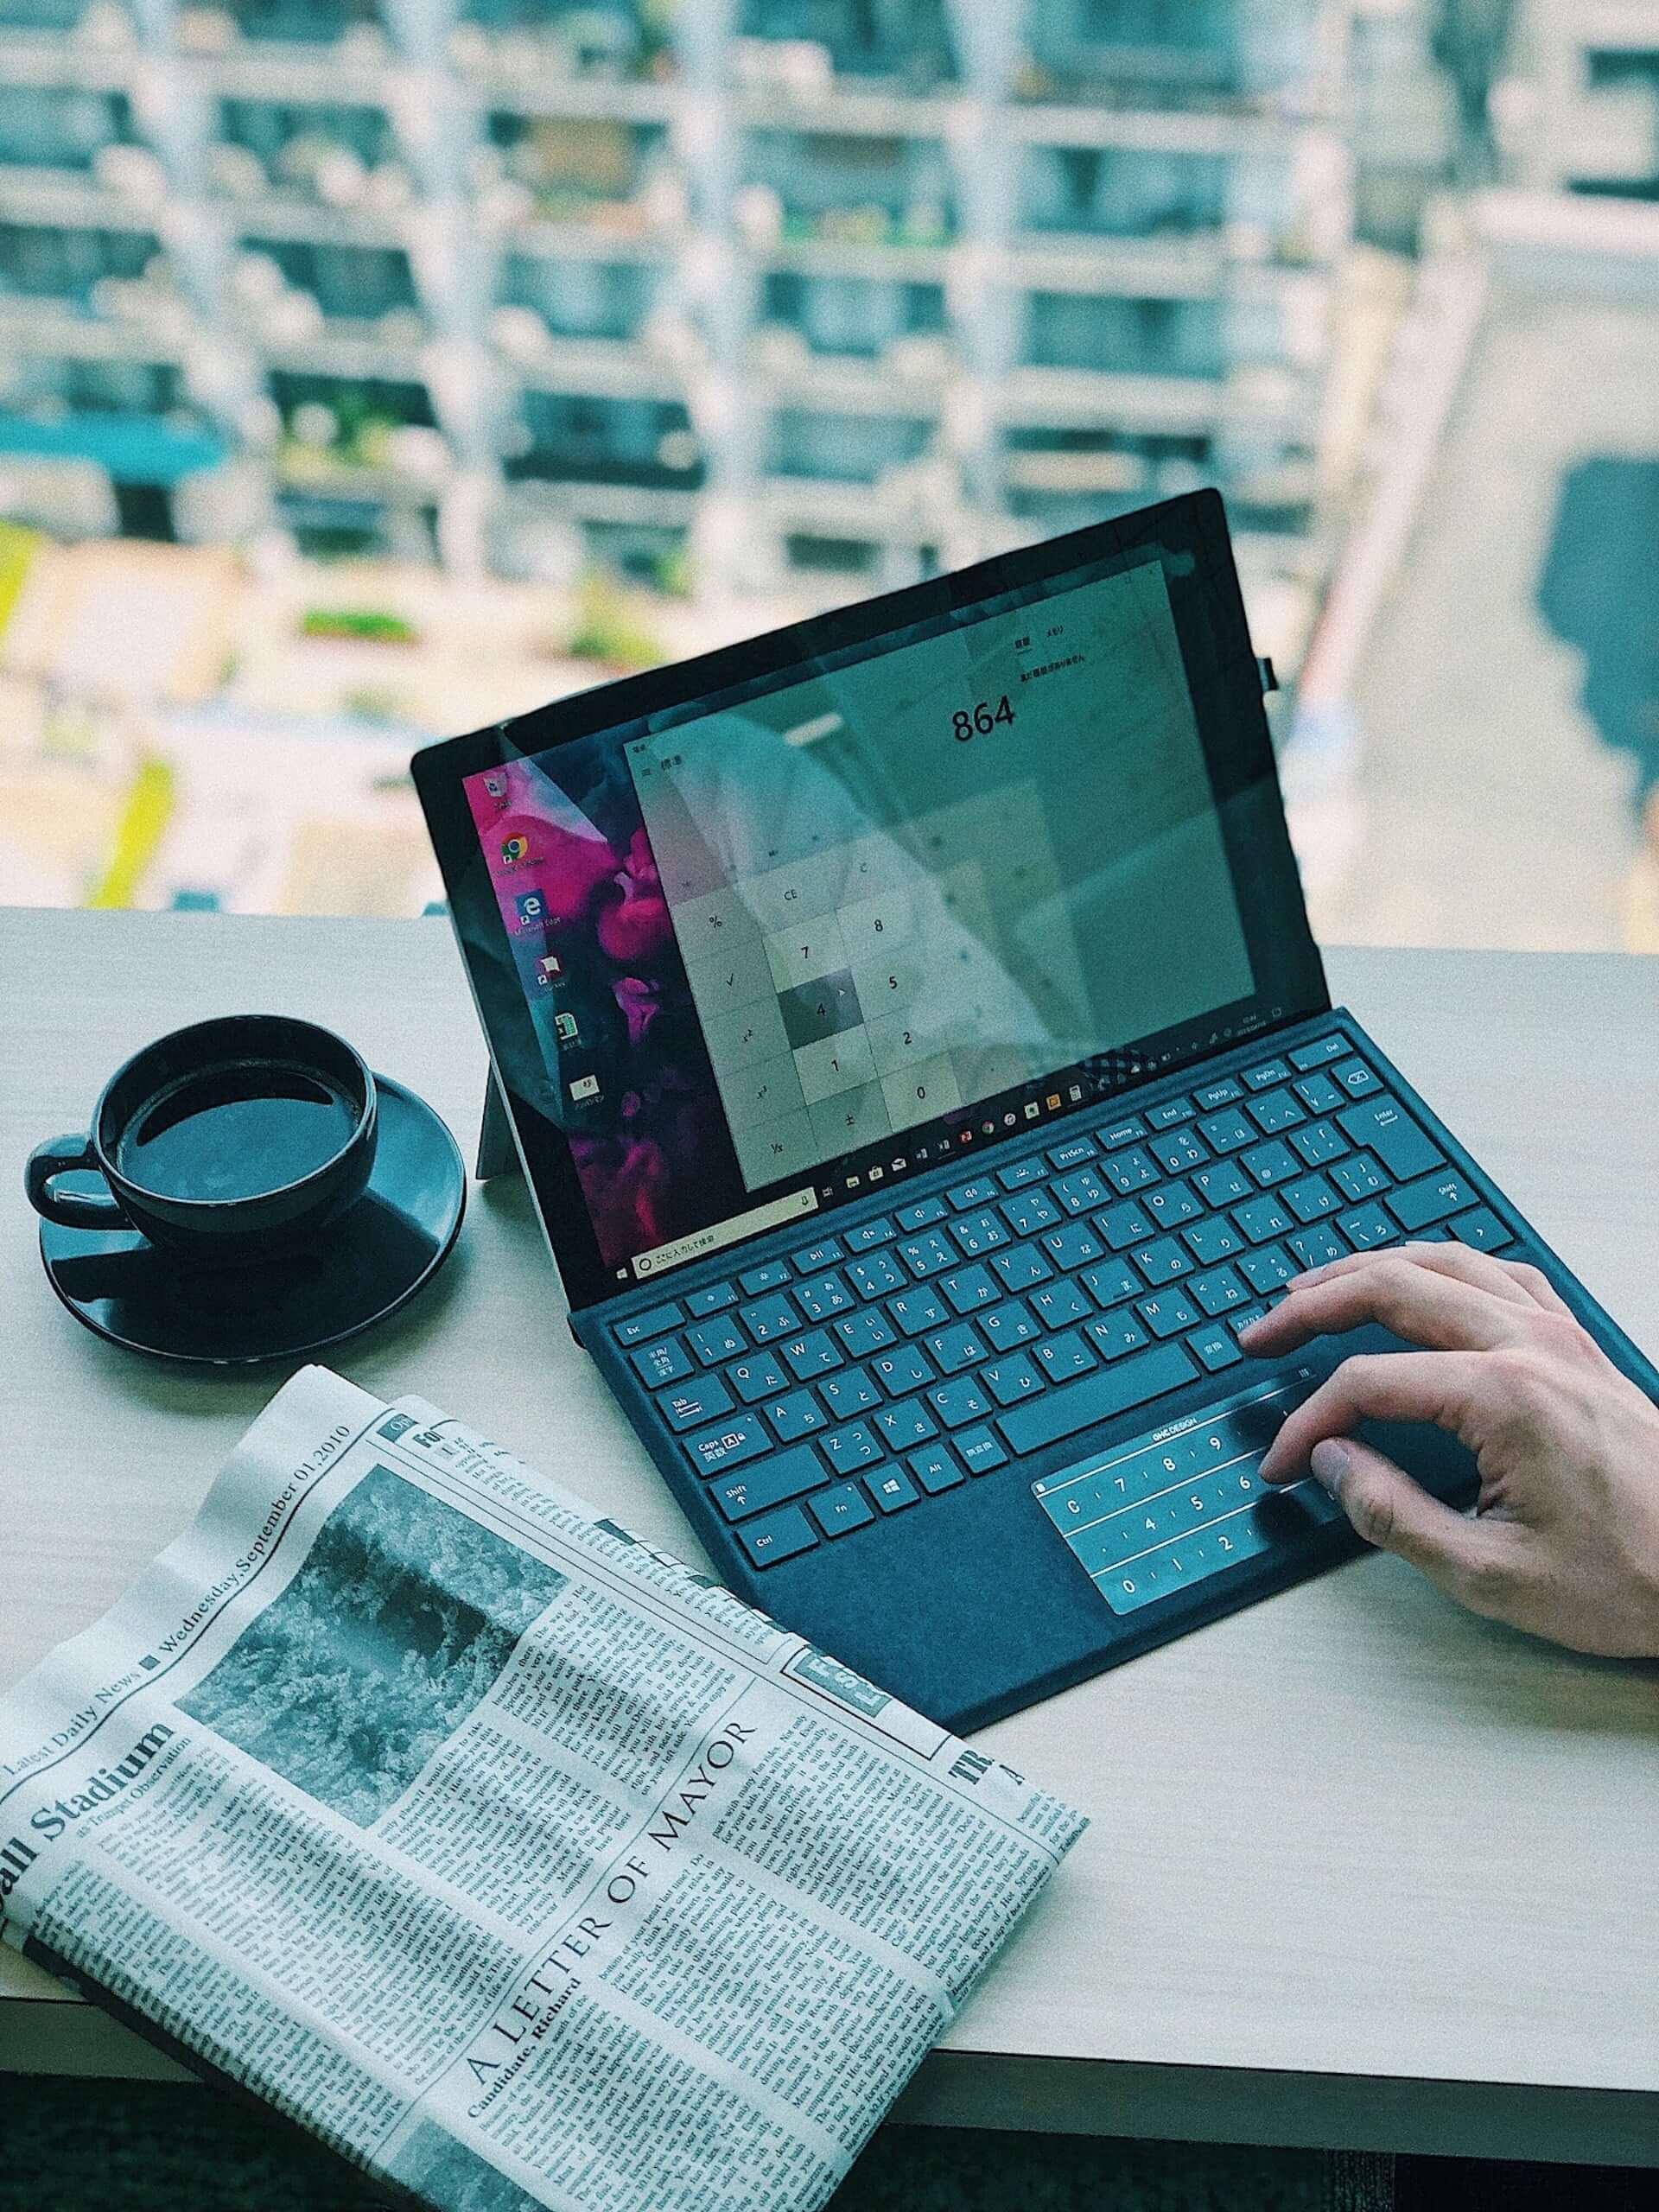 トラックパッドがそのままテンキーに!MacBook/Surfaceで使える「Nums」が登場 technology190819nums_7-1920x2560